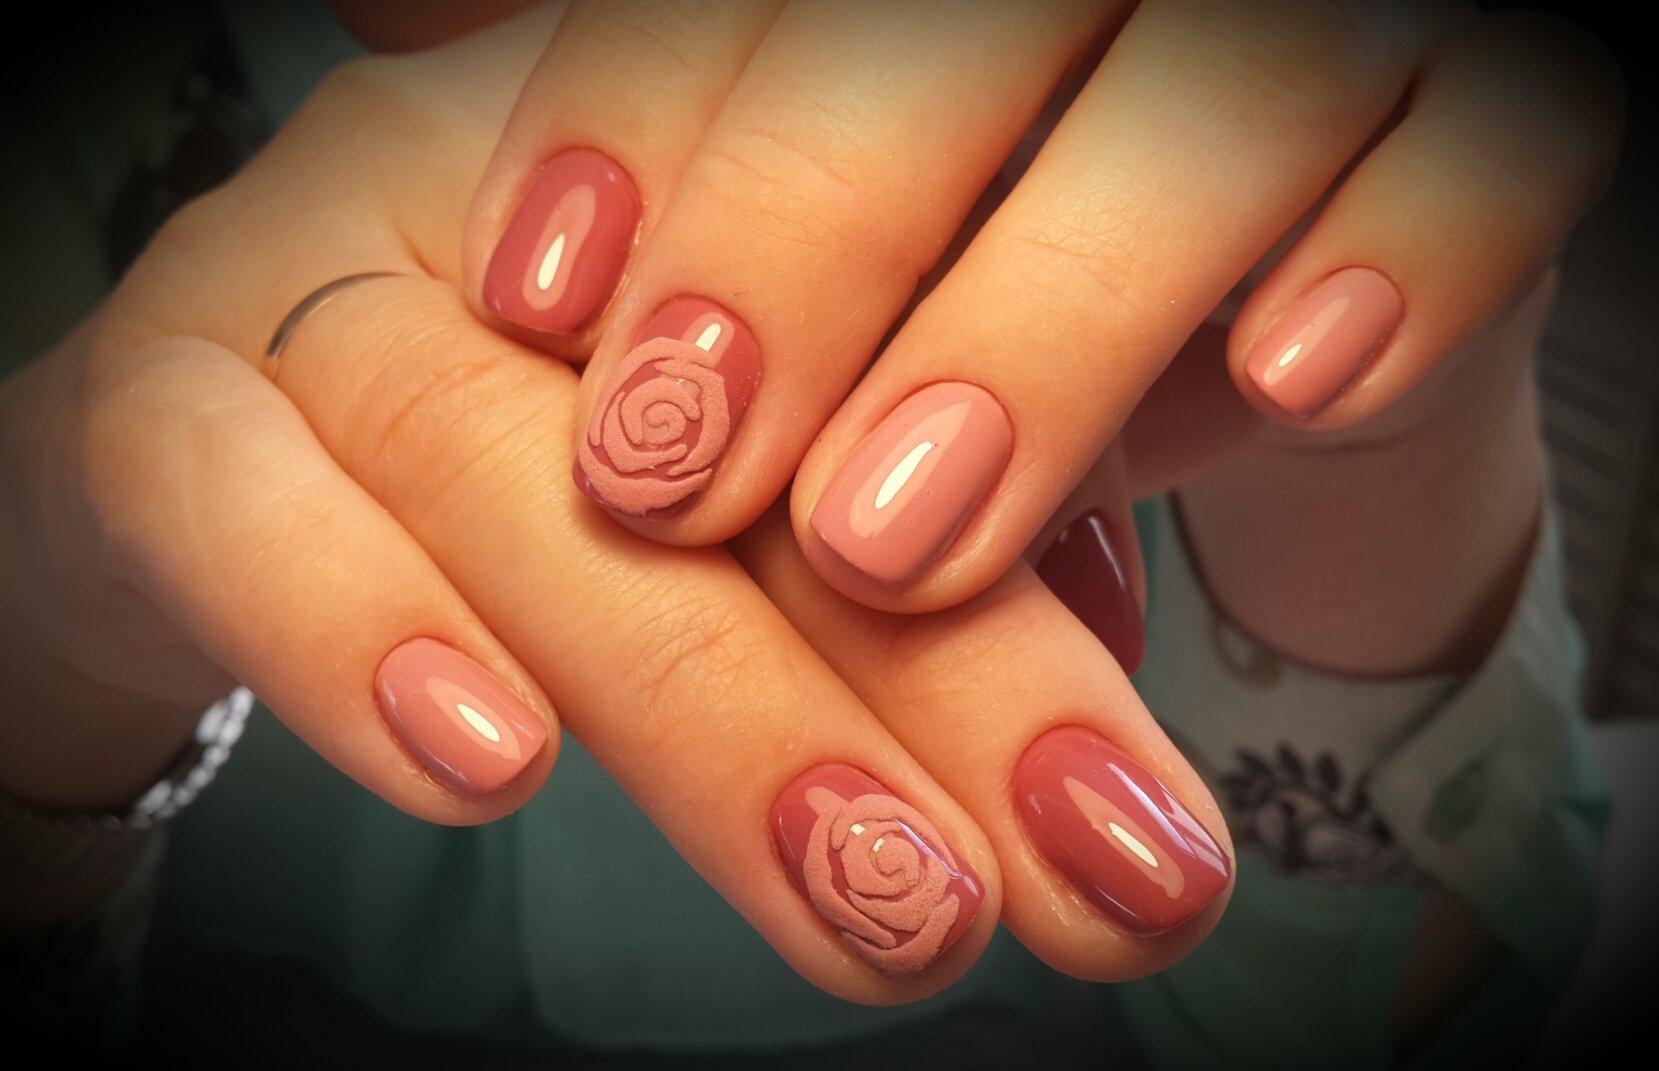 картинки с розочками ногти саду выглядит, как